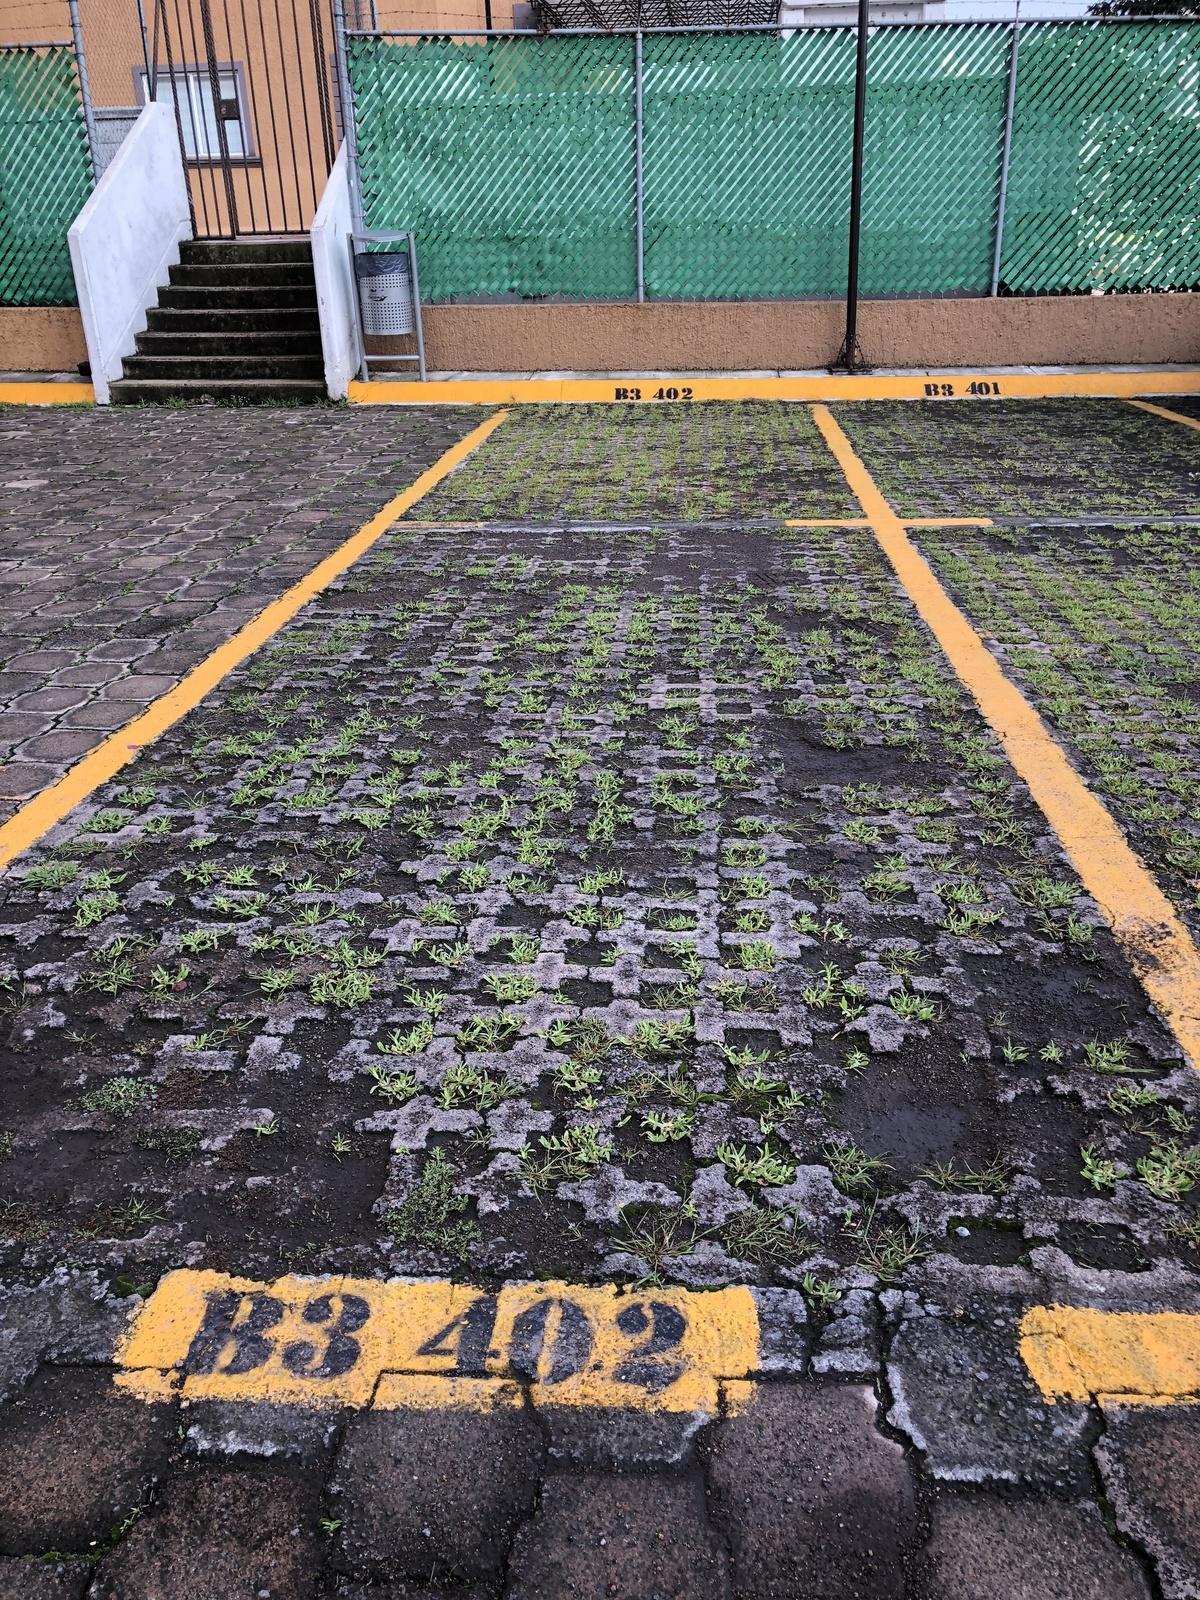 13 de 14: 2 lugares de estacionamiento